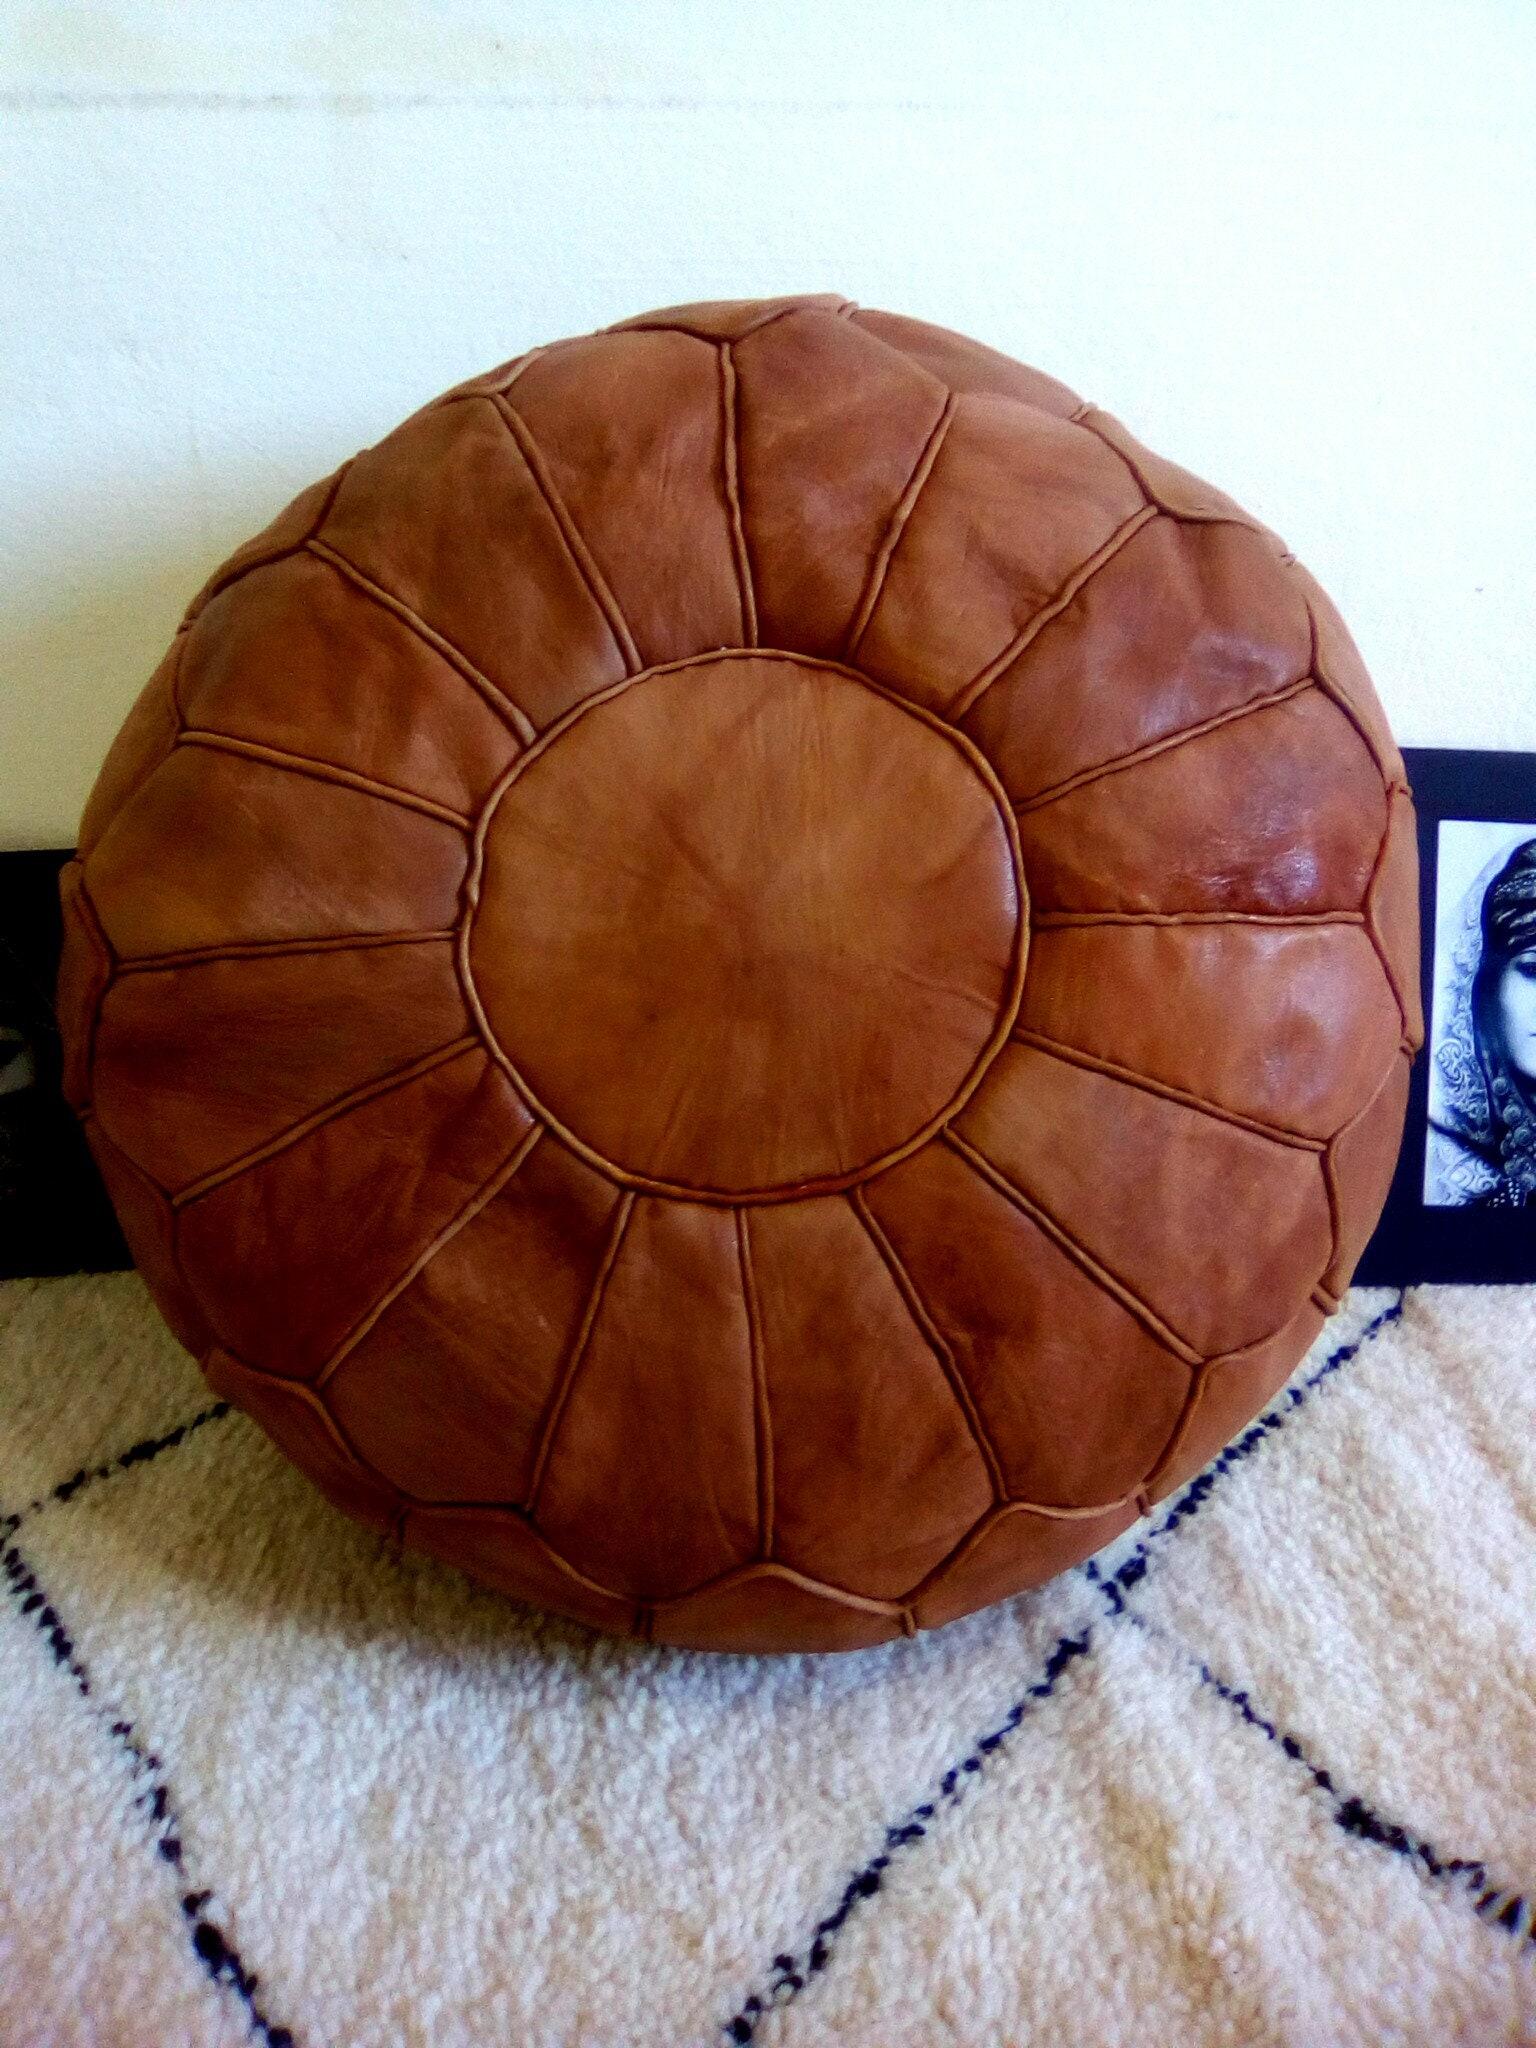 ottoman pouf,Brown leather pouf,moroccan pouf, handcrafted Ottoman pouf, handmade pouf, moroccan pouffe.stool